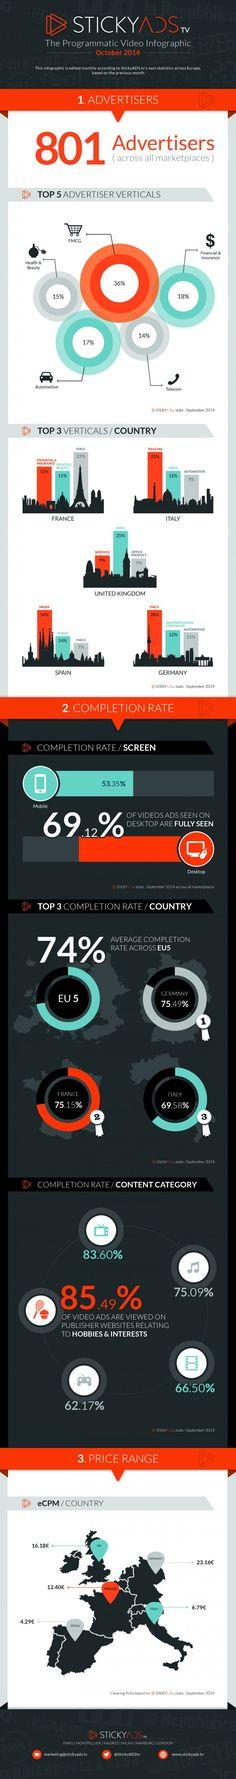 75% des vidéos programmatiques sont visionnées en entier en France selon ce baromètre.